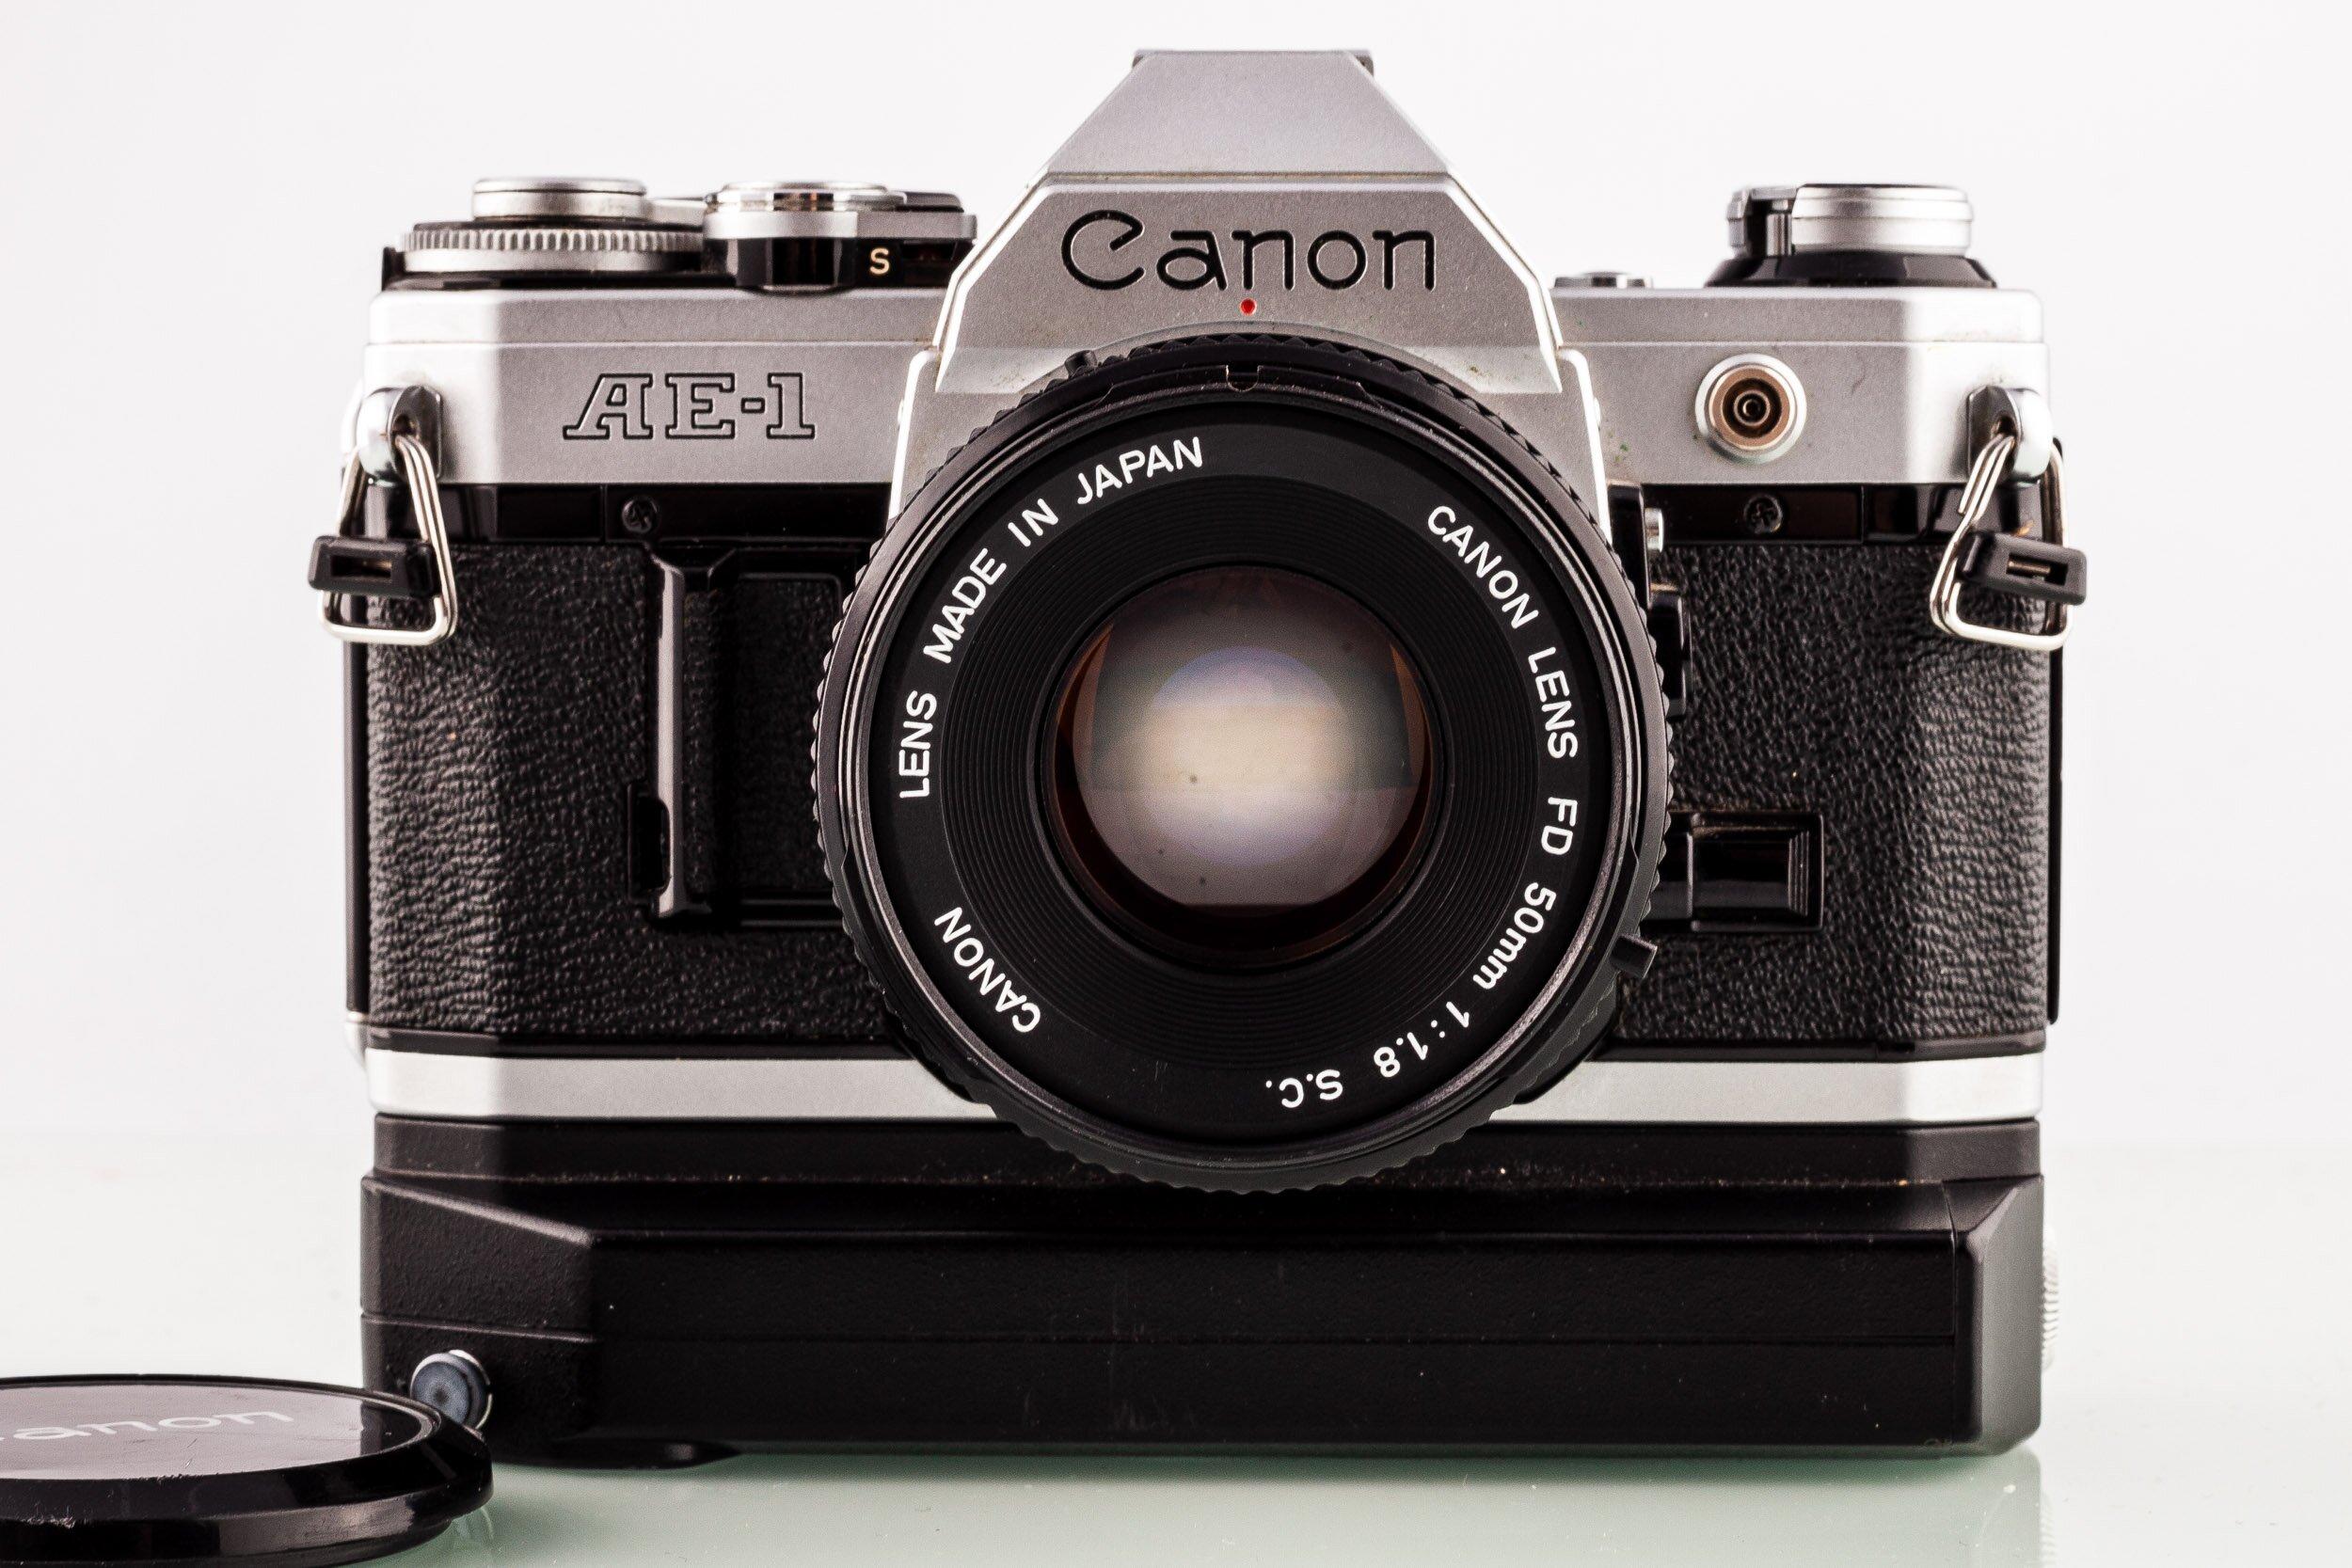 Canon AE-1 + Canon FD 50mm 1,8